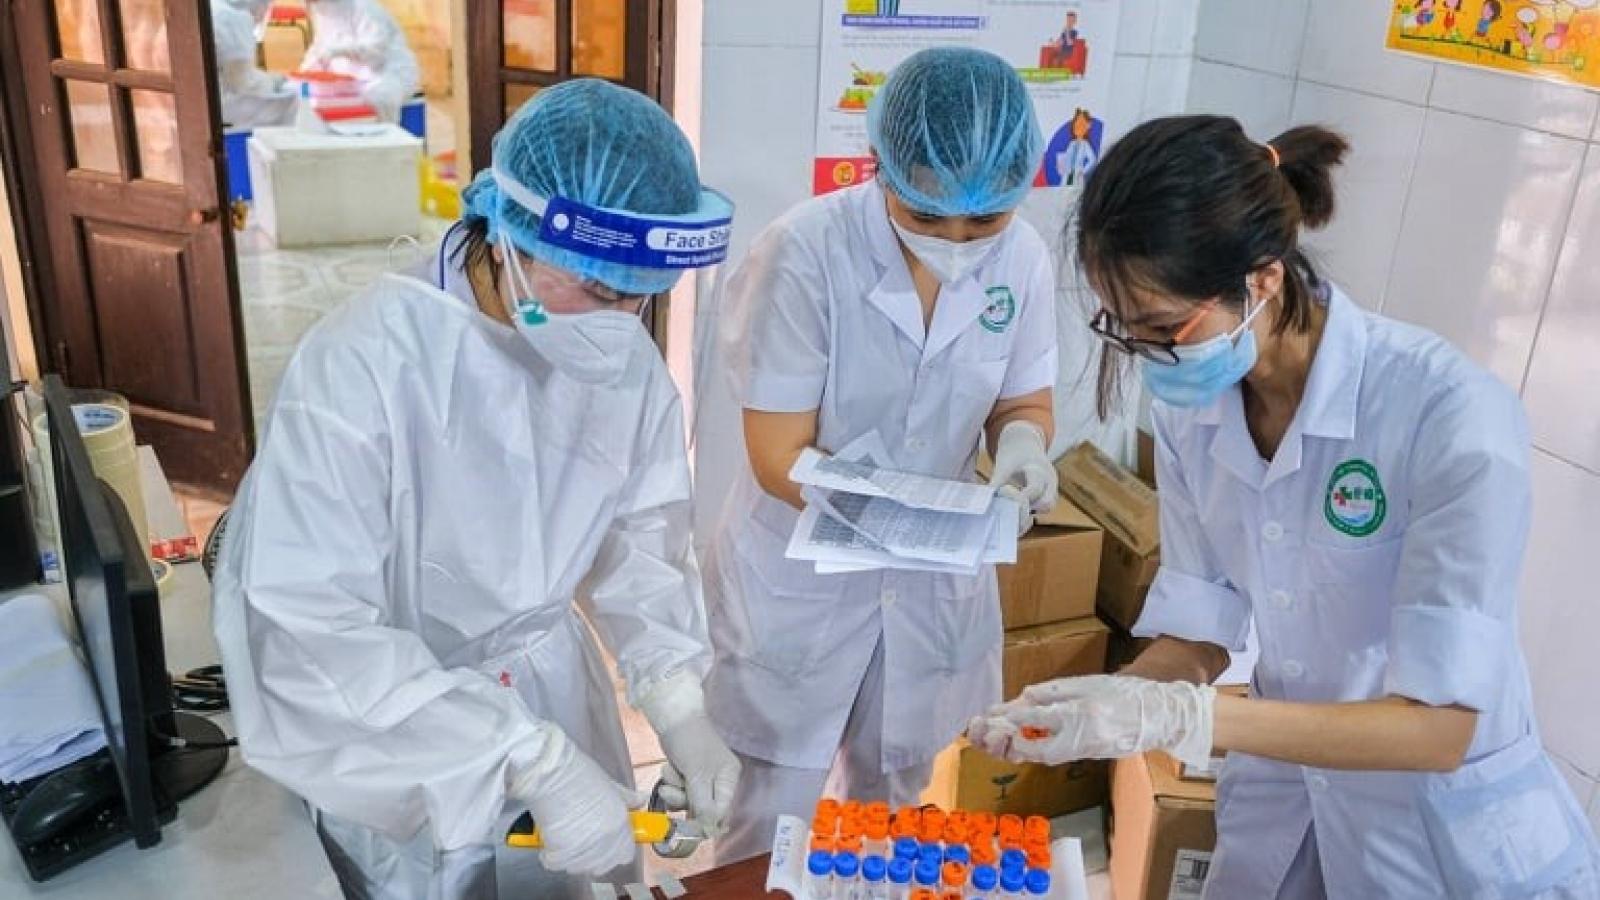 Sáng 19/6, Việt Nam có 94 ca mắc COVID-19, TP.HCM nhiều nhất 40 ca